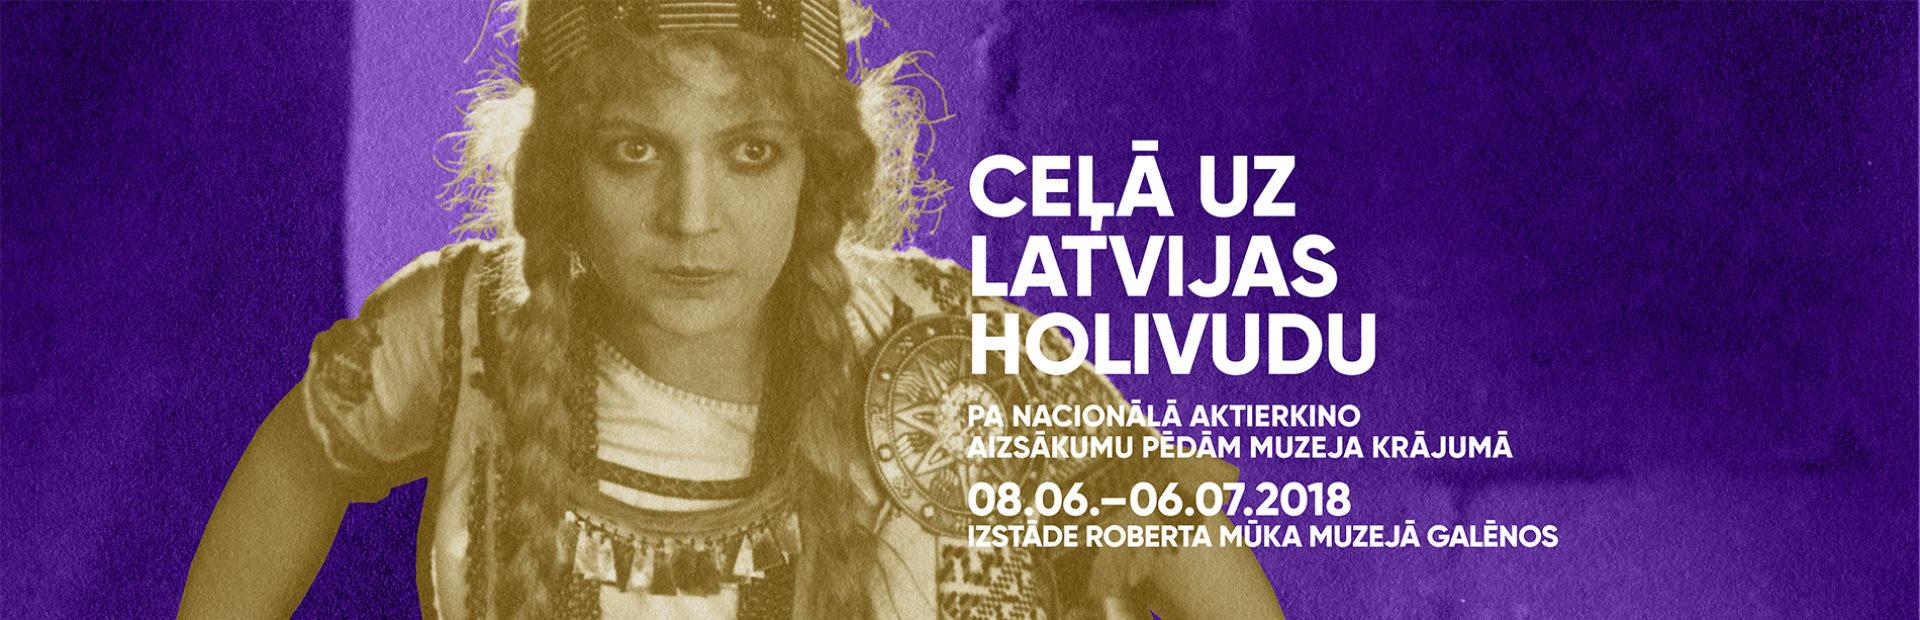 Cela_uz_Latvijas_Holivudu_Galenos